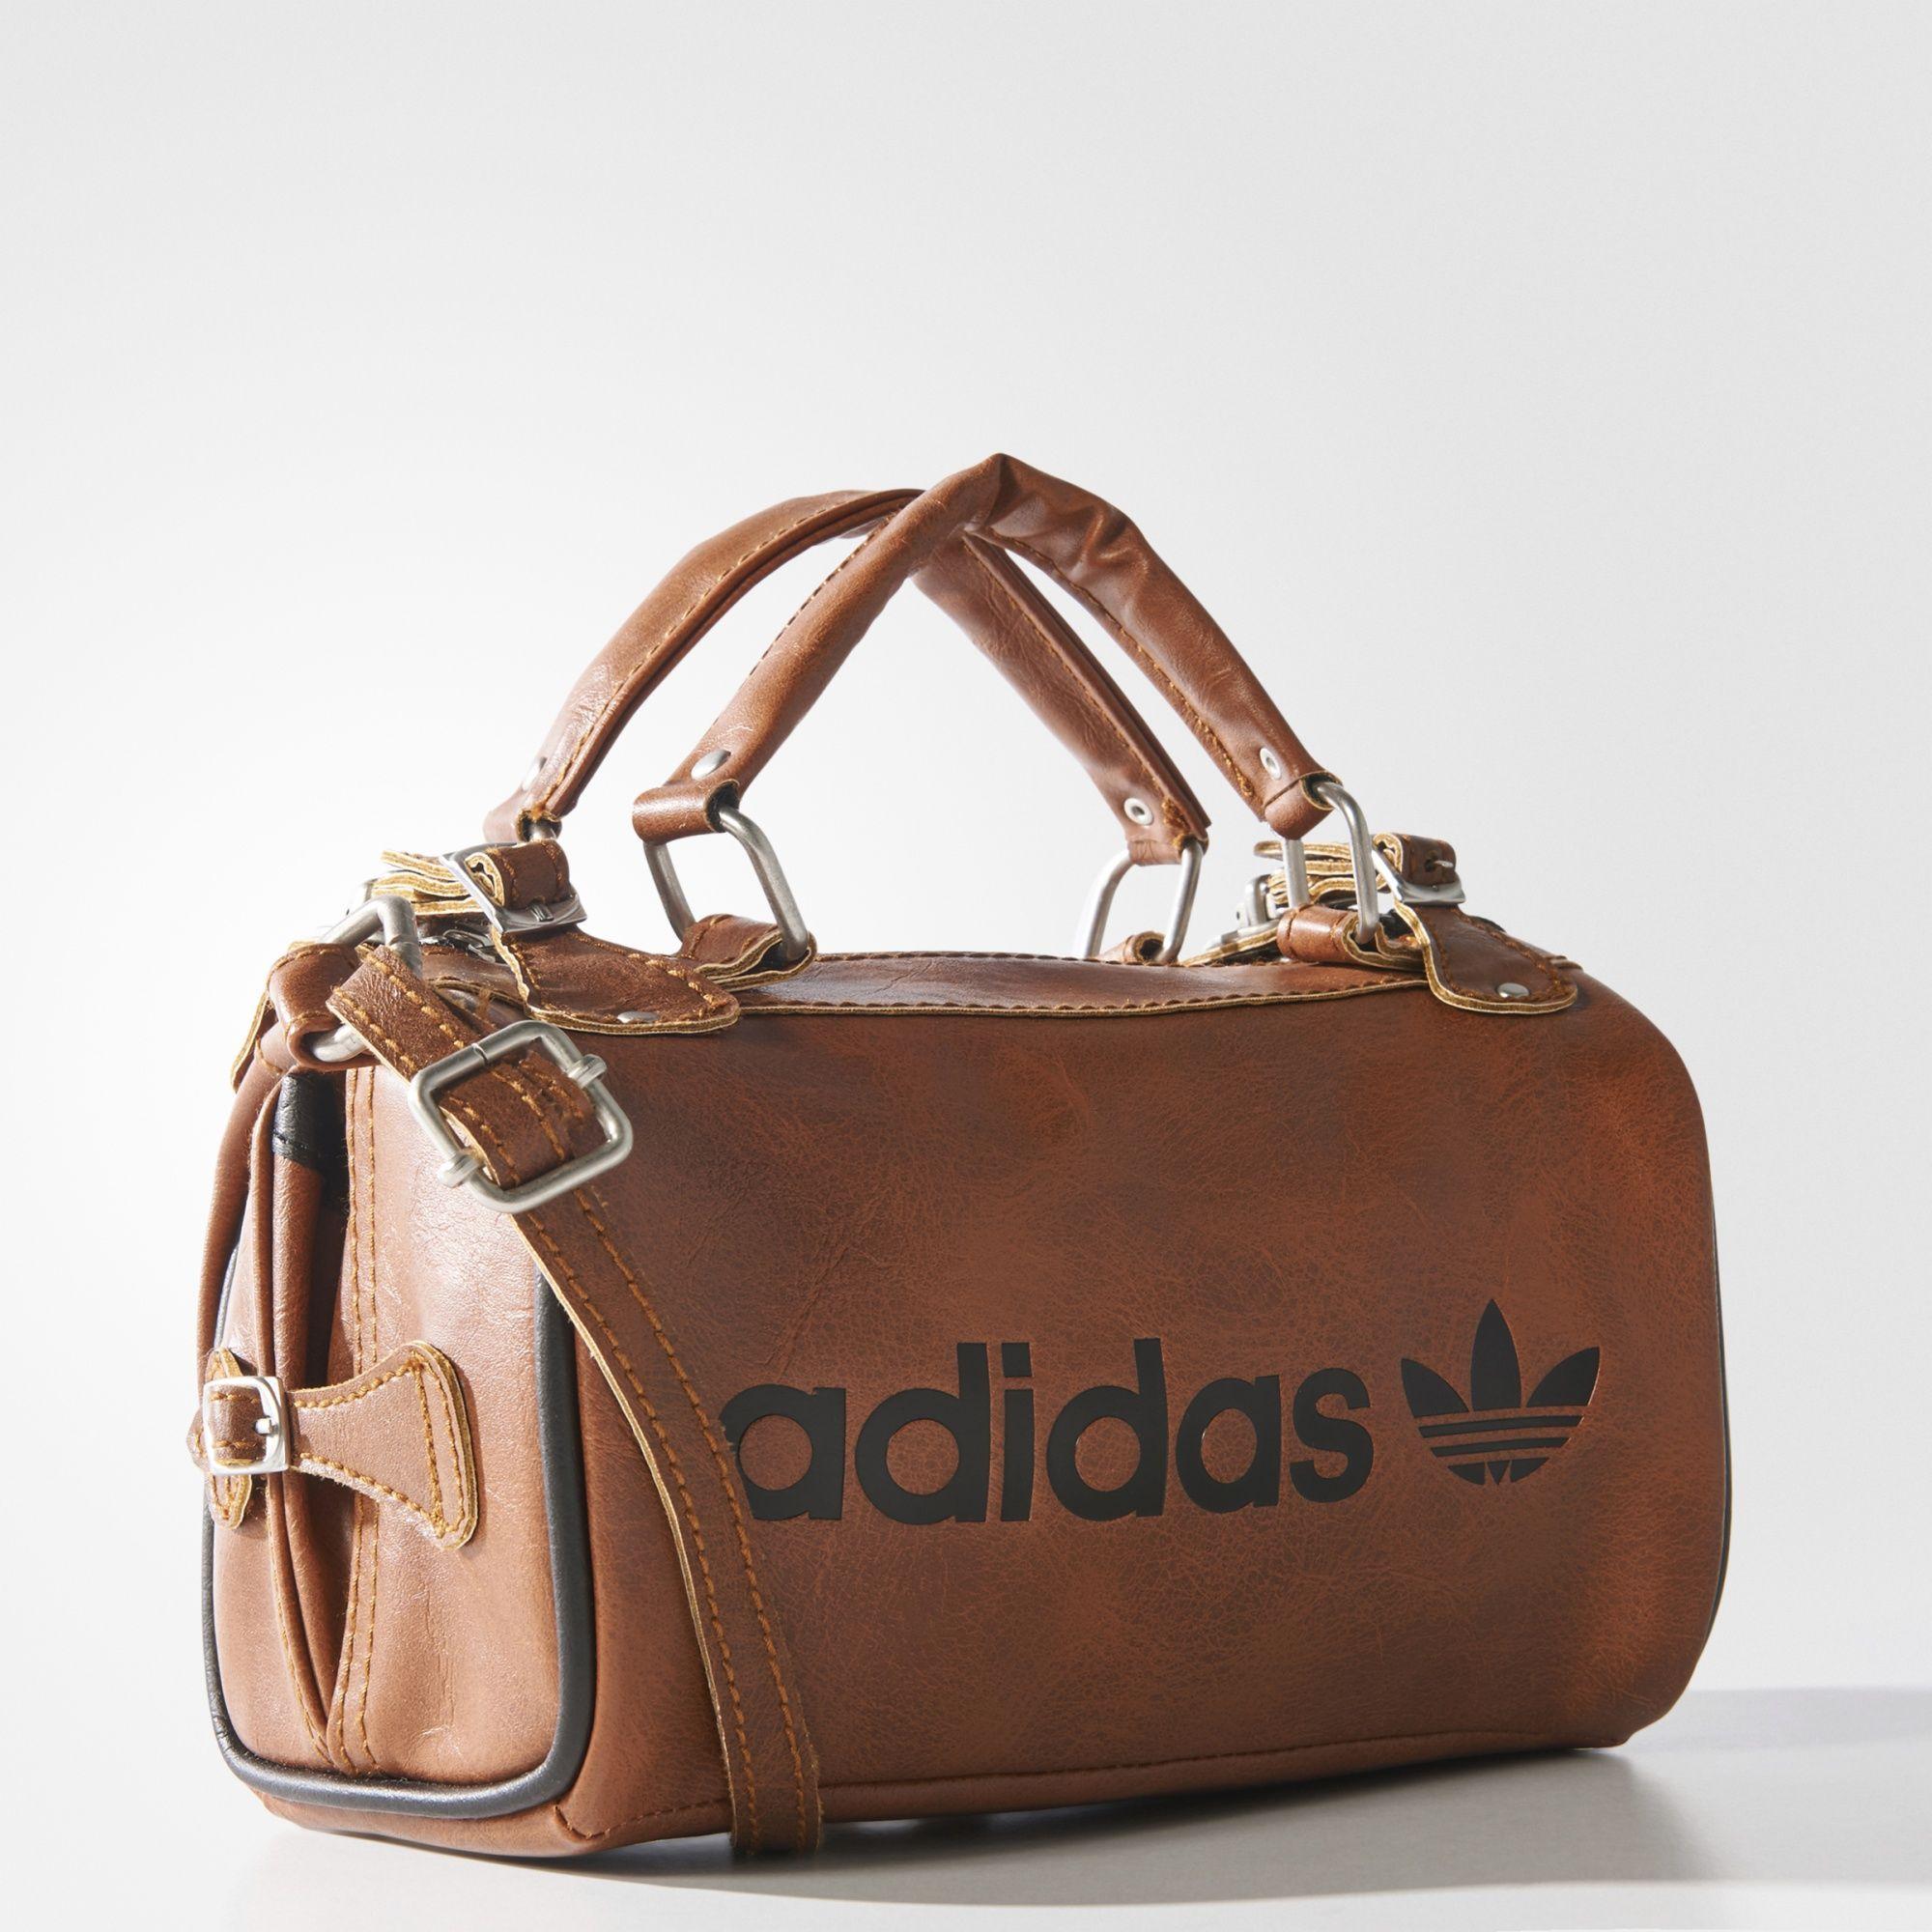 a20064efe Um design retrô vem atualizado para o presente. Diretamente do acervo adidas,  esta bolsa apresenta o visual e o toque do couro, sendo f… | I ❤ Adidas! em  ...